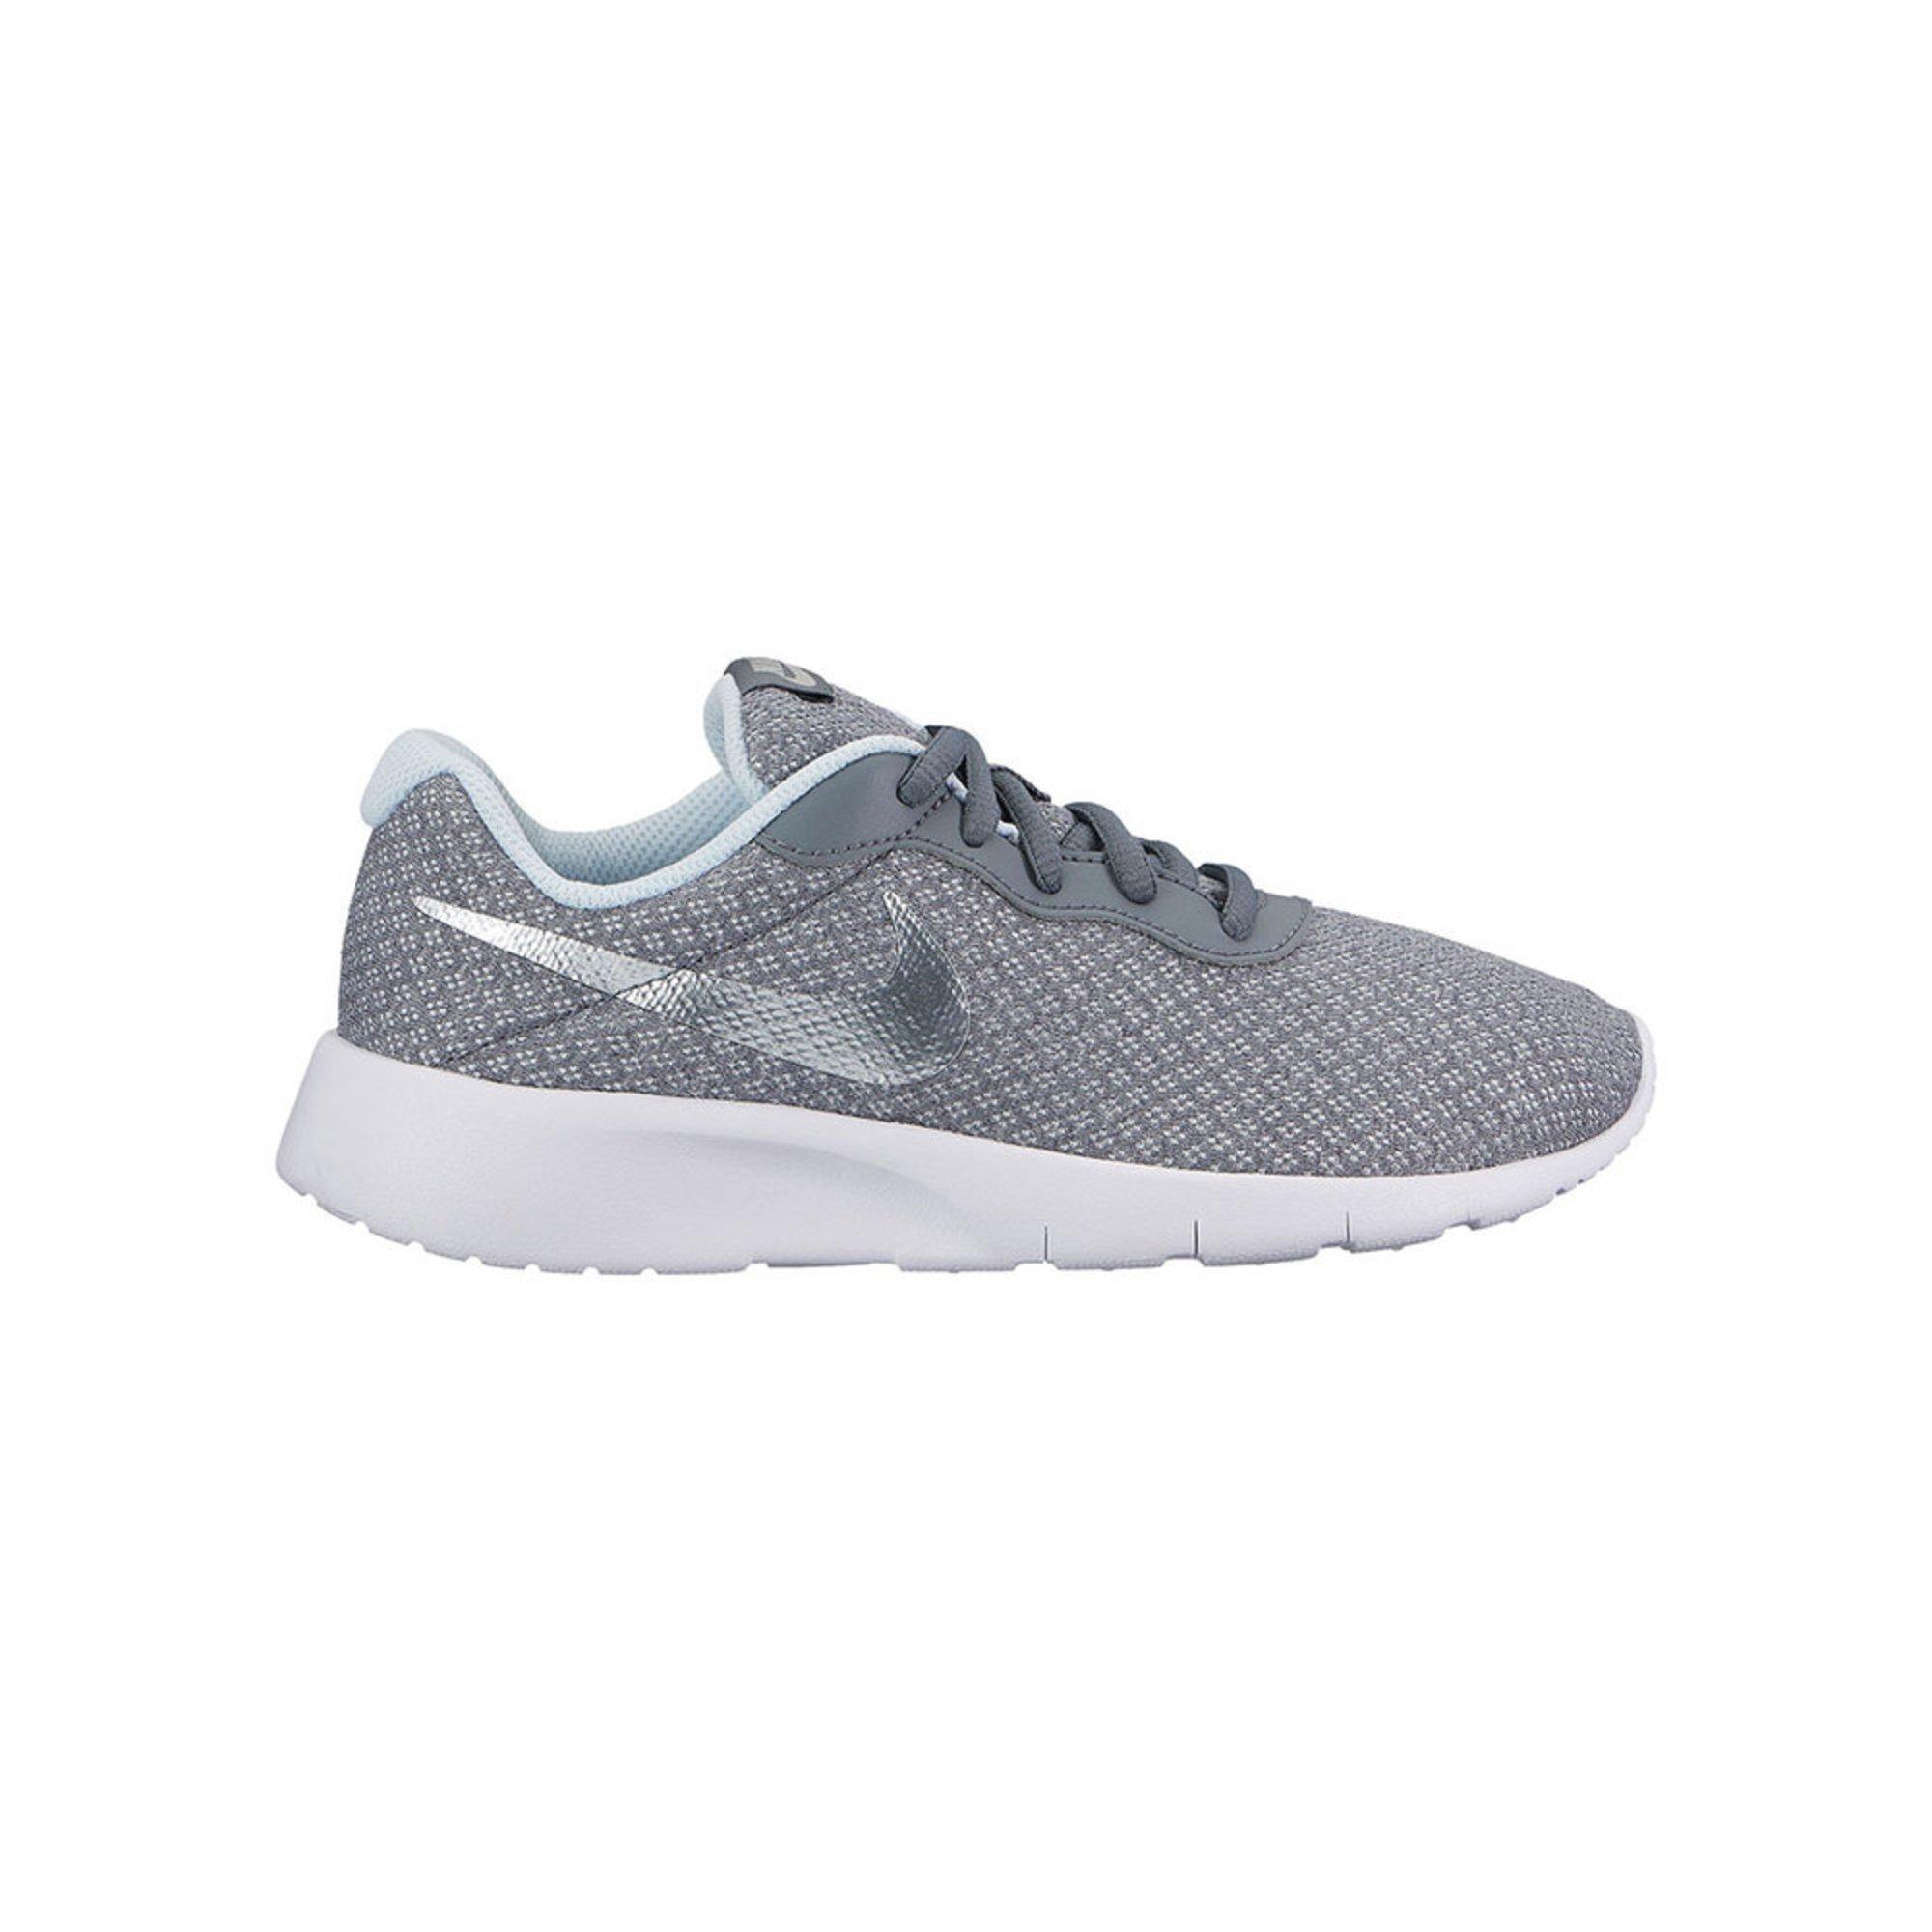 Nike Tanjun Girls Sneakers Cool Grey/ Metallic Silver/ Blue Tint